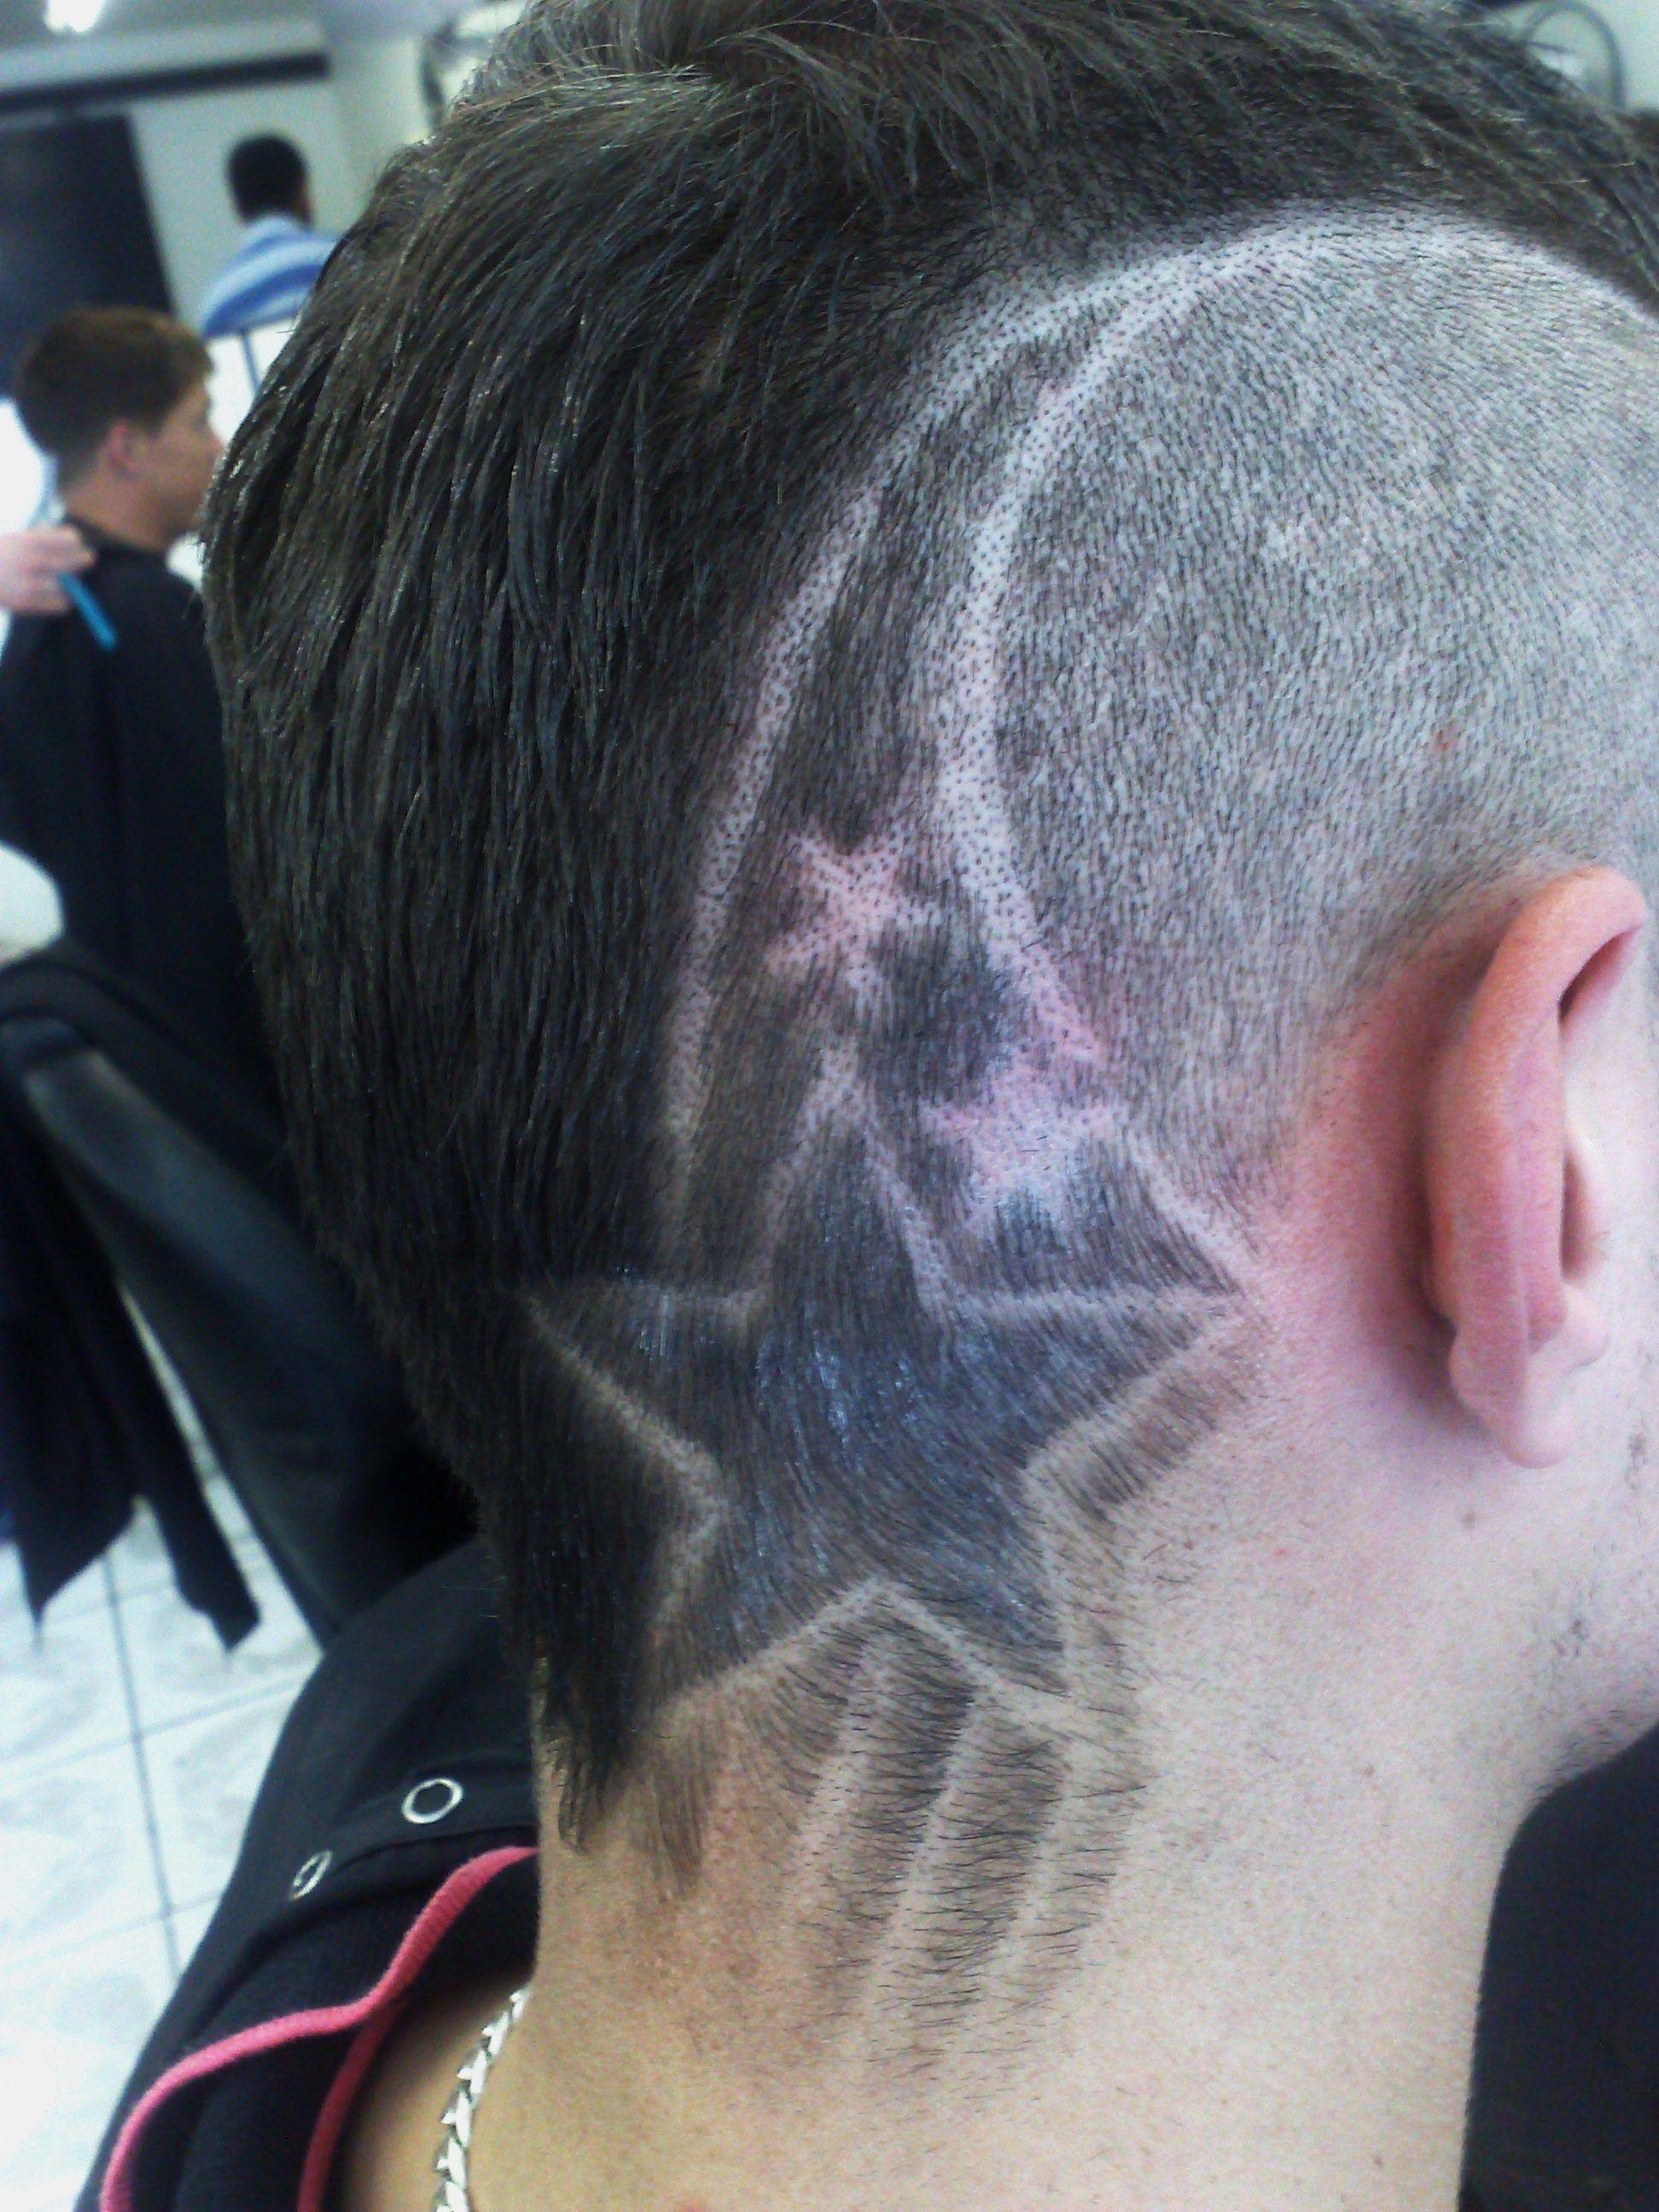 the gallery for --> star hair designs for boys | hair ideas